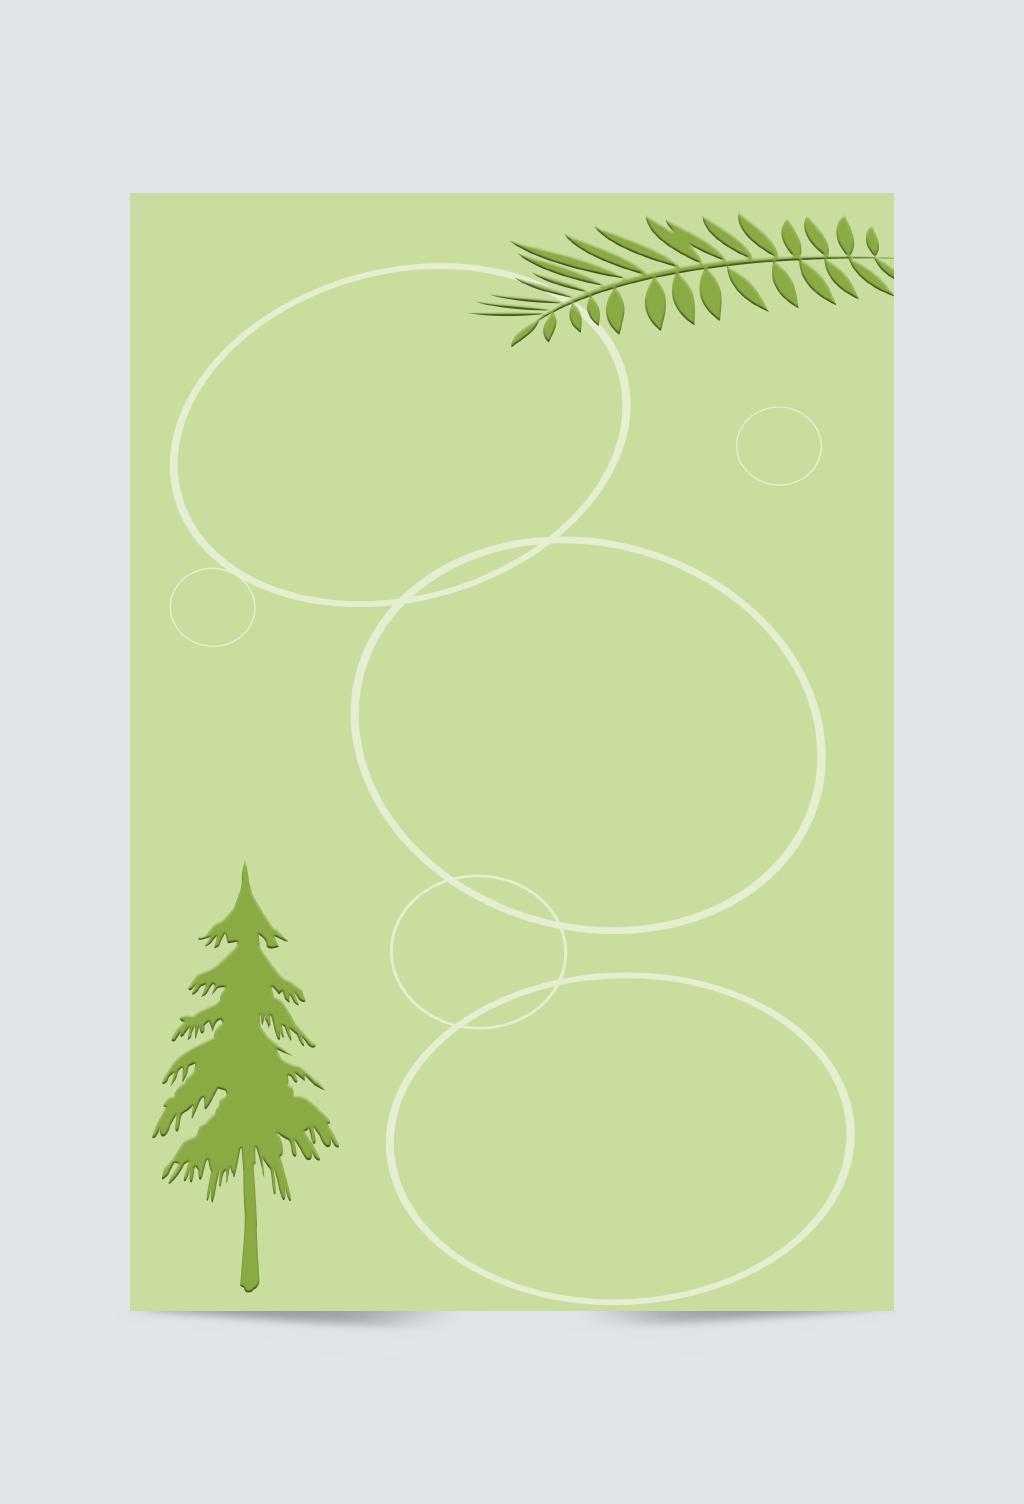 绿色海报装饰纸纹质感纹路纹理背景图